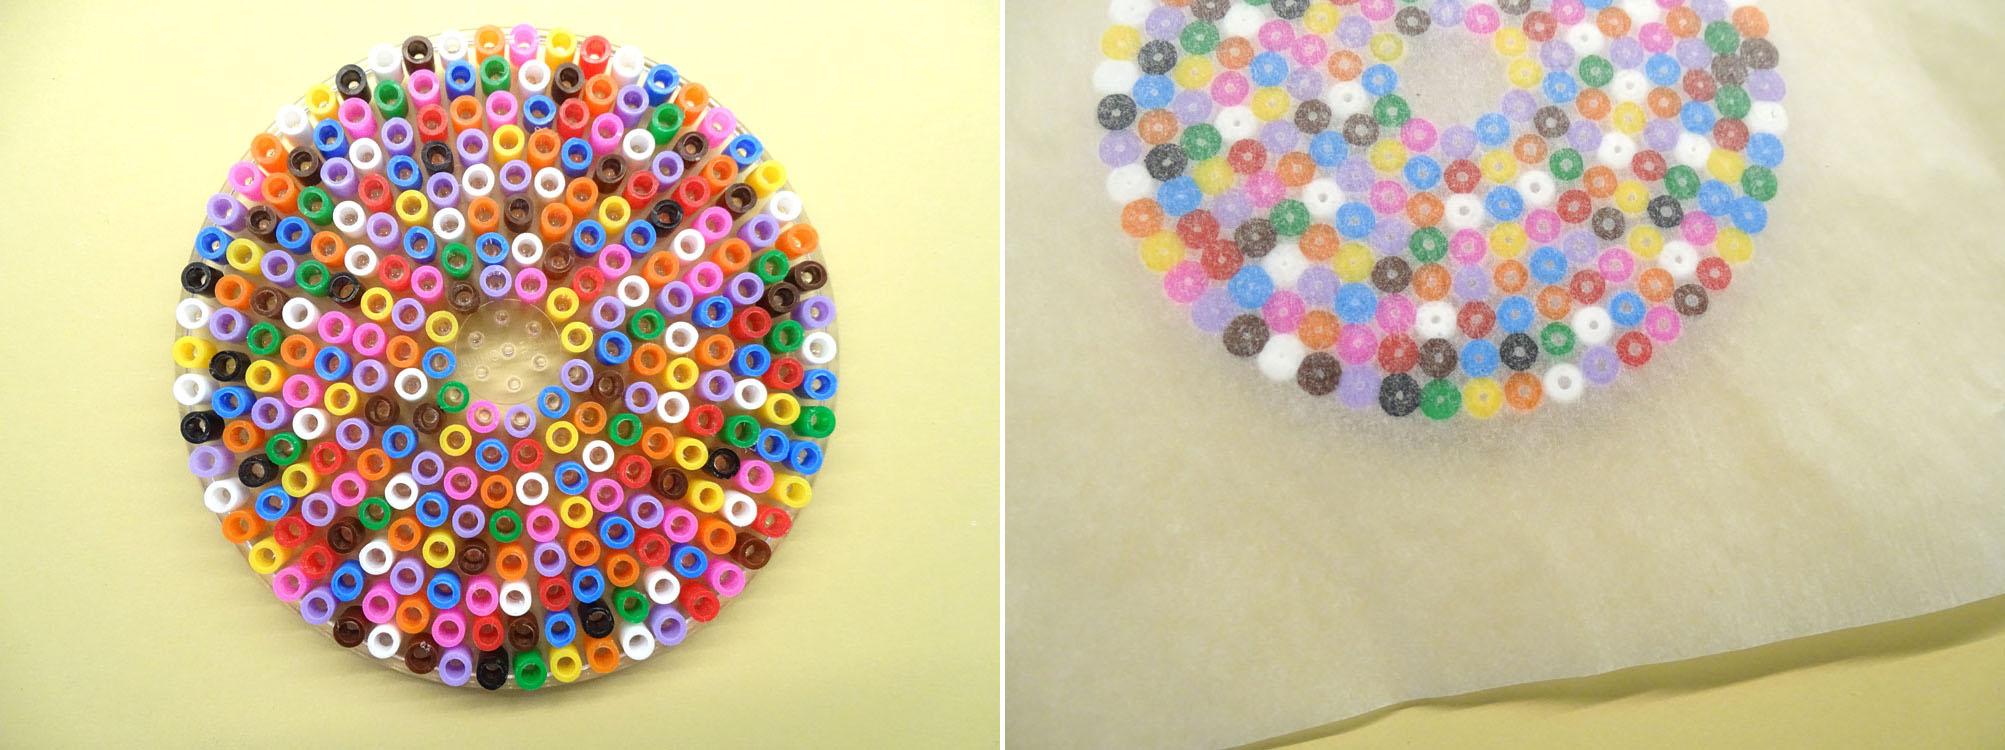 Glasabdeckung aus Bügelperlen Anleitung für Kinder DIY